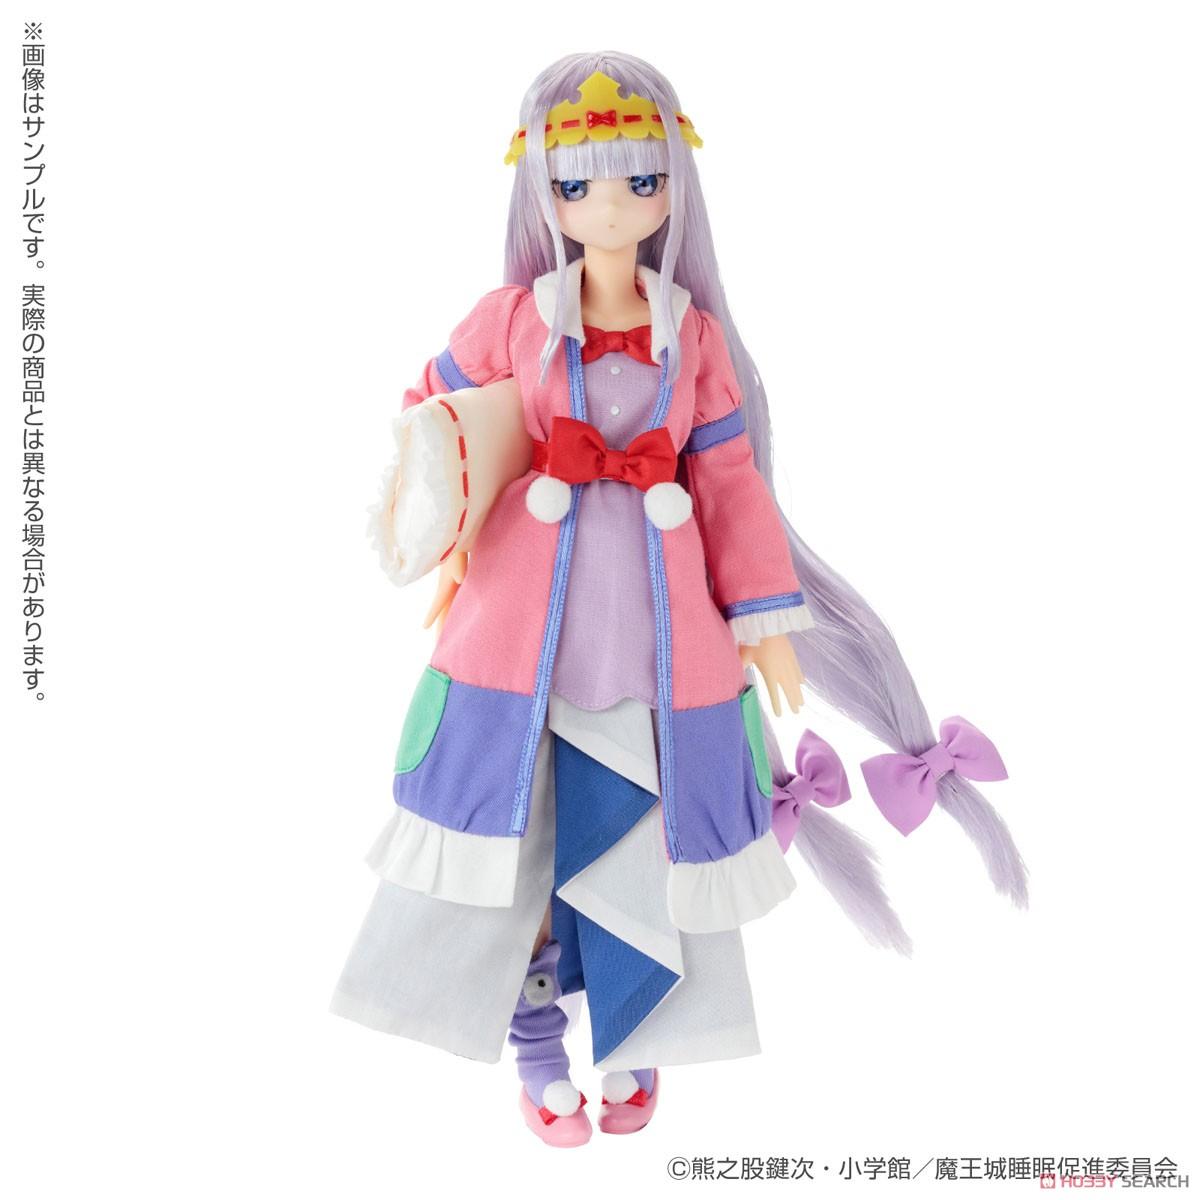 ピュアニーモ キャラクターシリーズ No.138『スヤリス姫』魔王城でおやすみ 1/6 完成品ドール-001